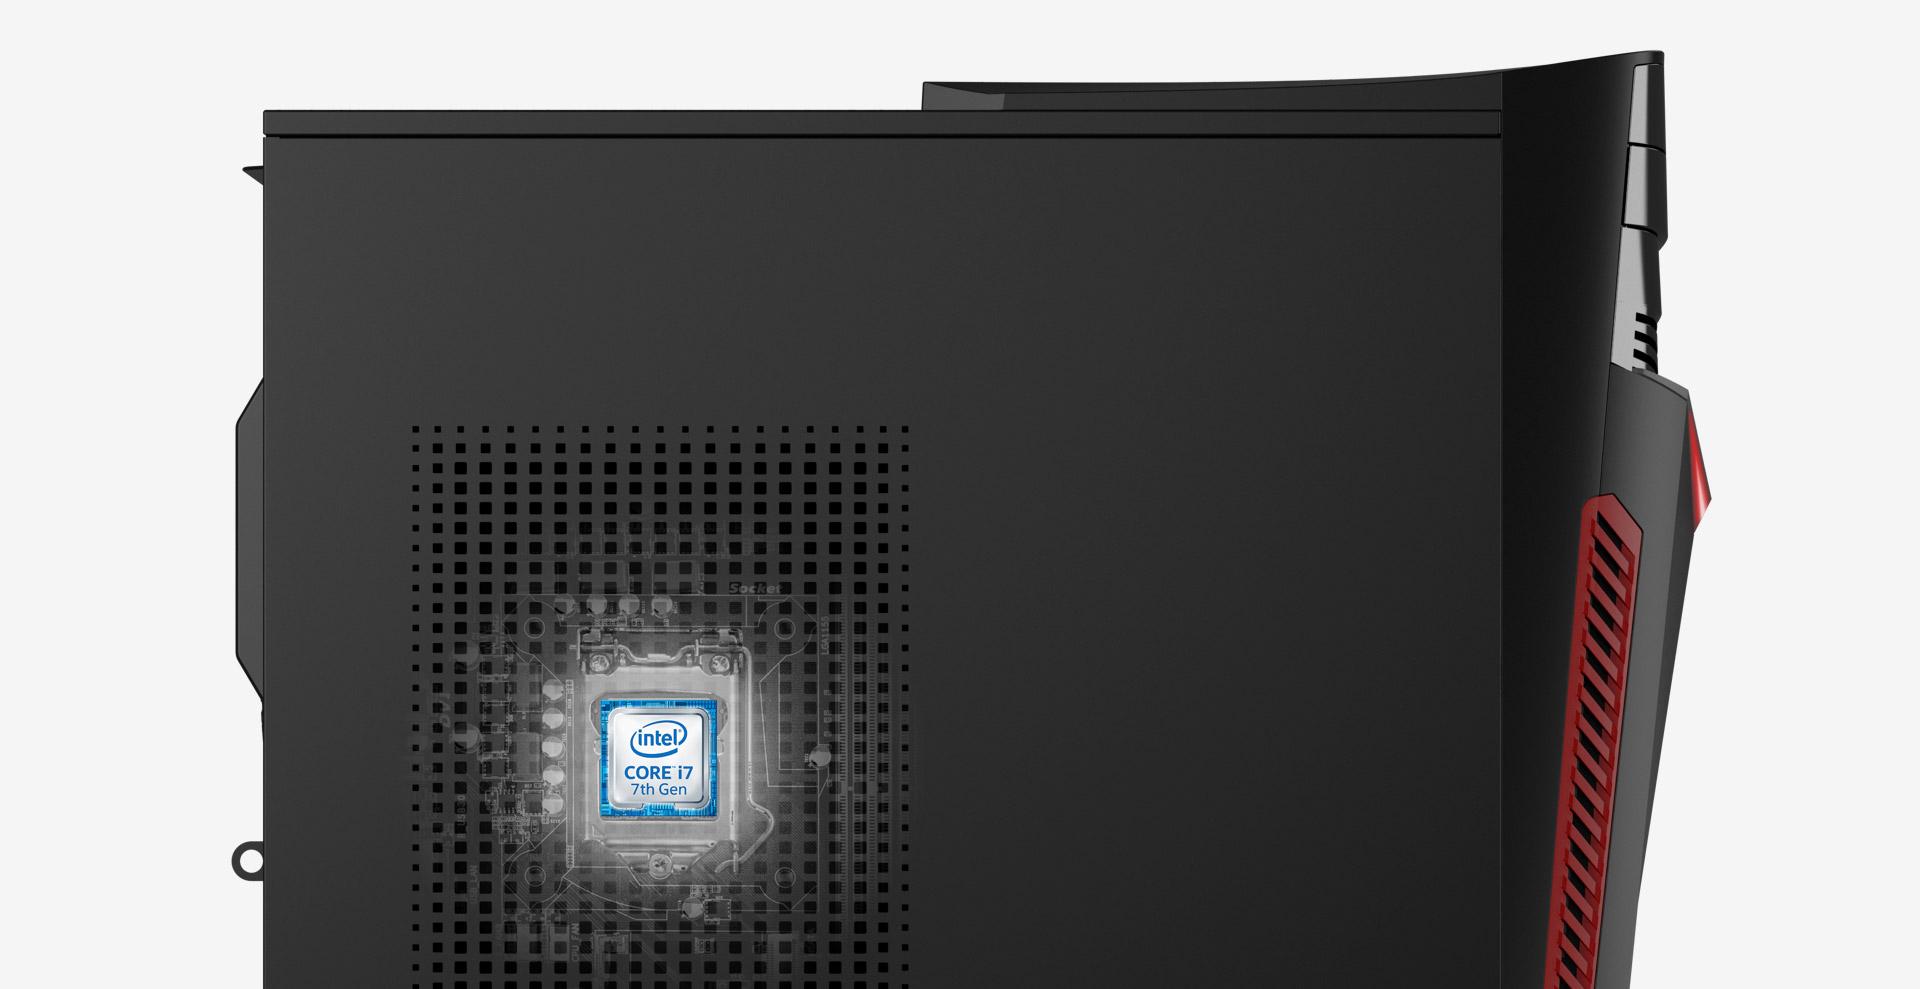 Acer Aspire GX-781: Cenově dostupnější alternativa k Predator desktopům 153955